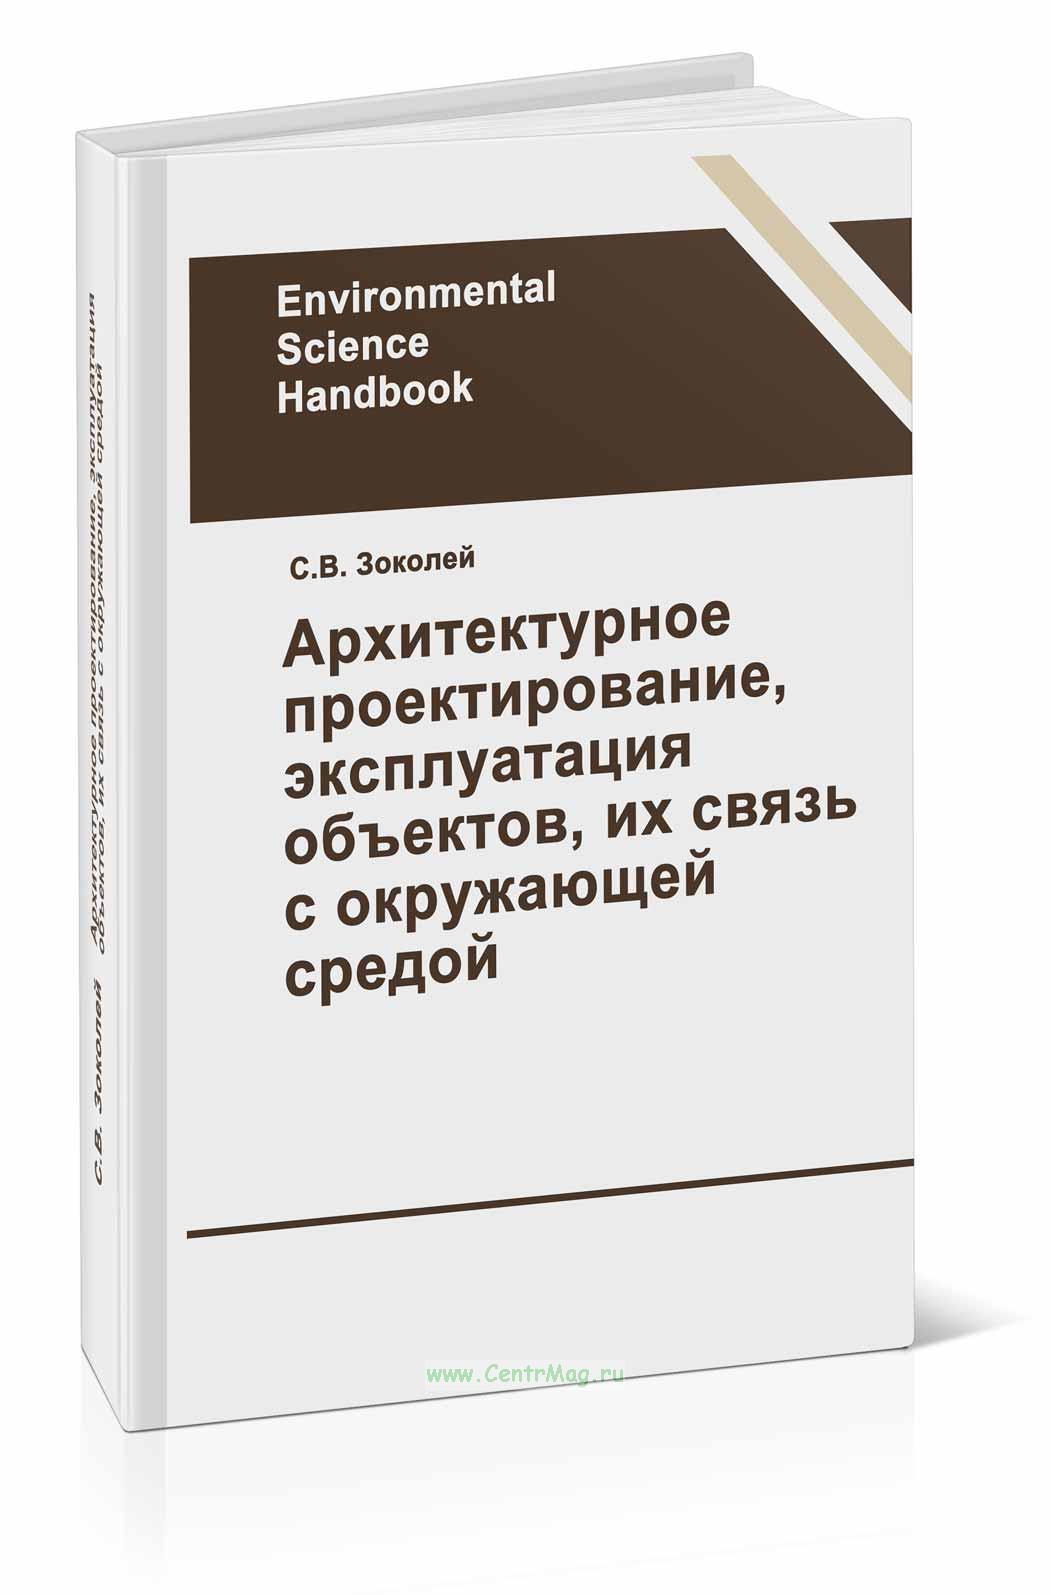 Архитектурное проектирование, эксплуатация объектов, их связь с окружающей средой